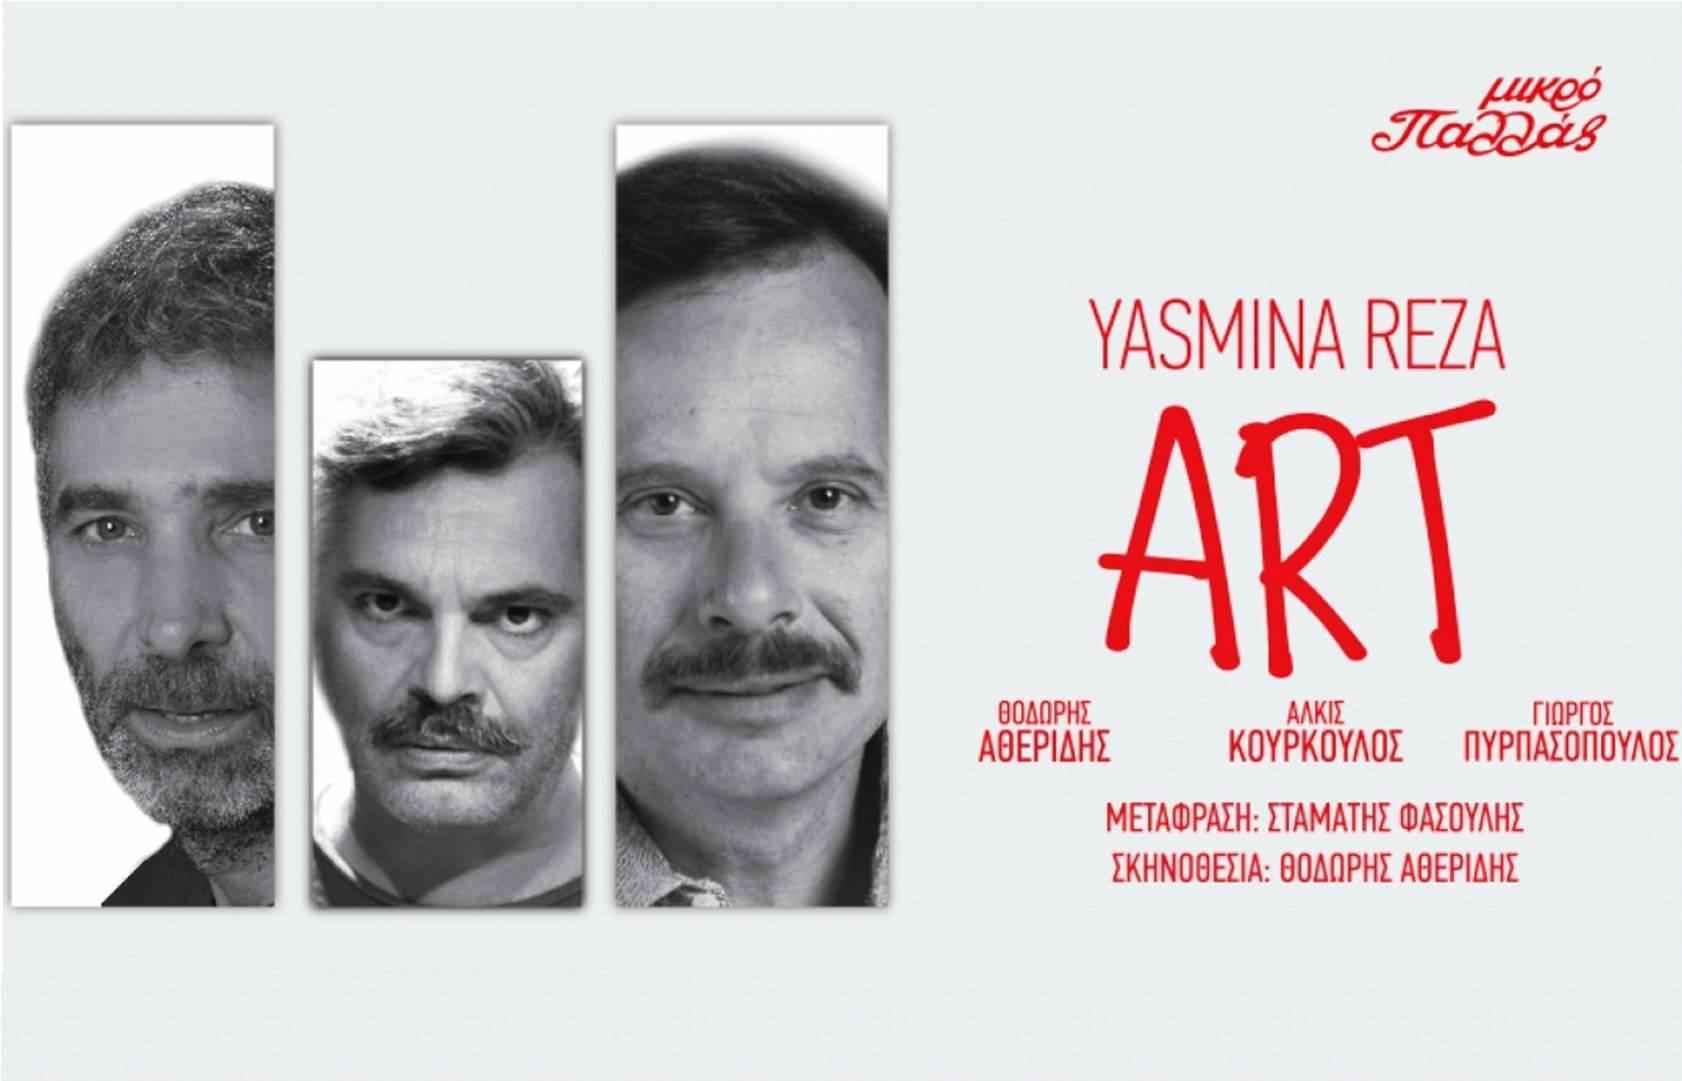 Από 12€ για είσοδο 1 ατόμου στο ''ART'', τη καλύτερη κωμωδία της Γιασμίνα Ρεζά, στο Μικρό Παλλάς, με τους Θοδωρή Αθερίδη, Άλκη Κουρκουλο & Γιώργο Πυρπασόπουλο, σε μετάφραση Σταμάτη Φασουλή εικόνα